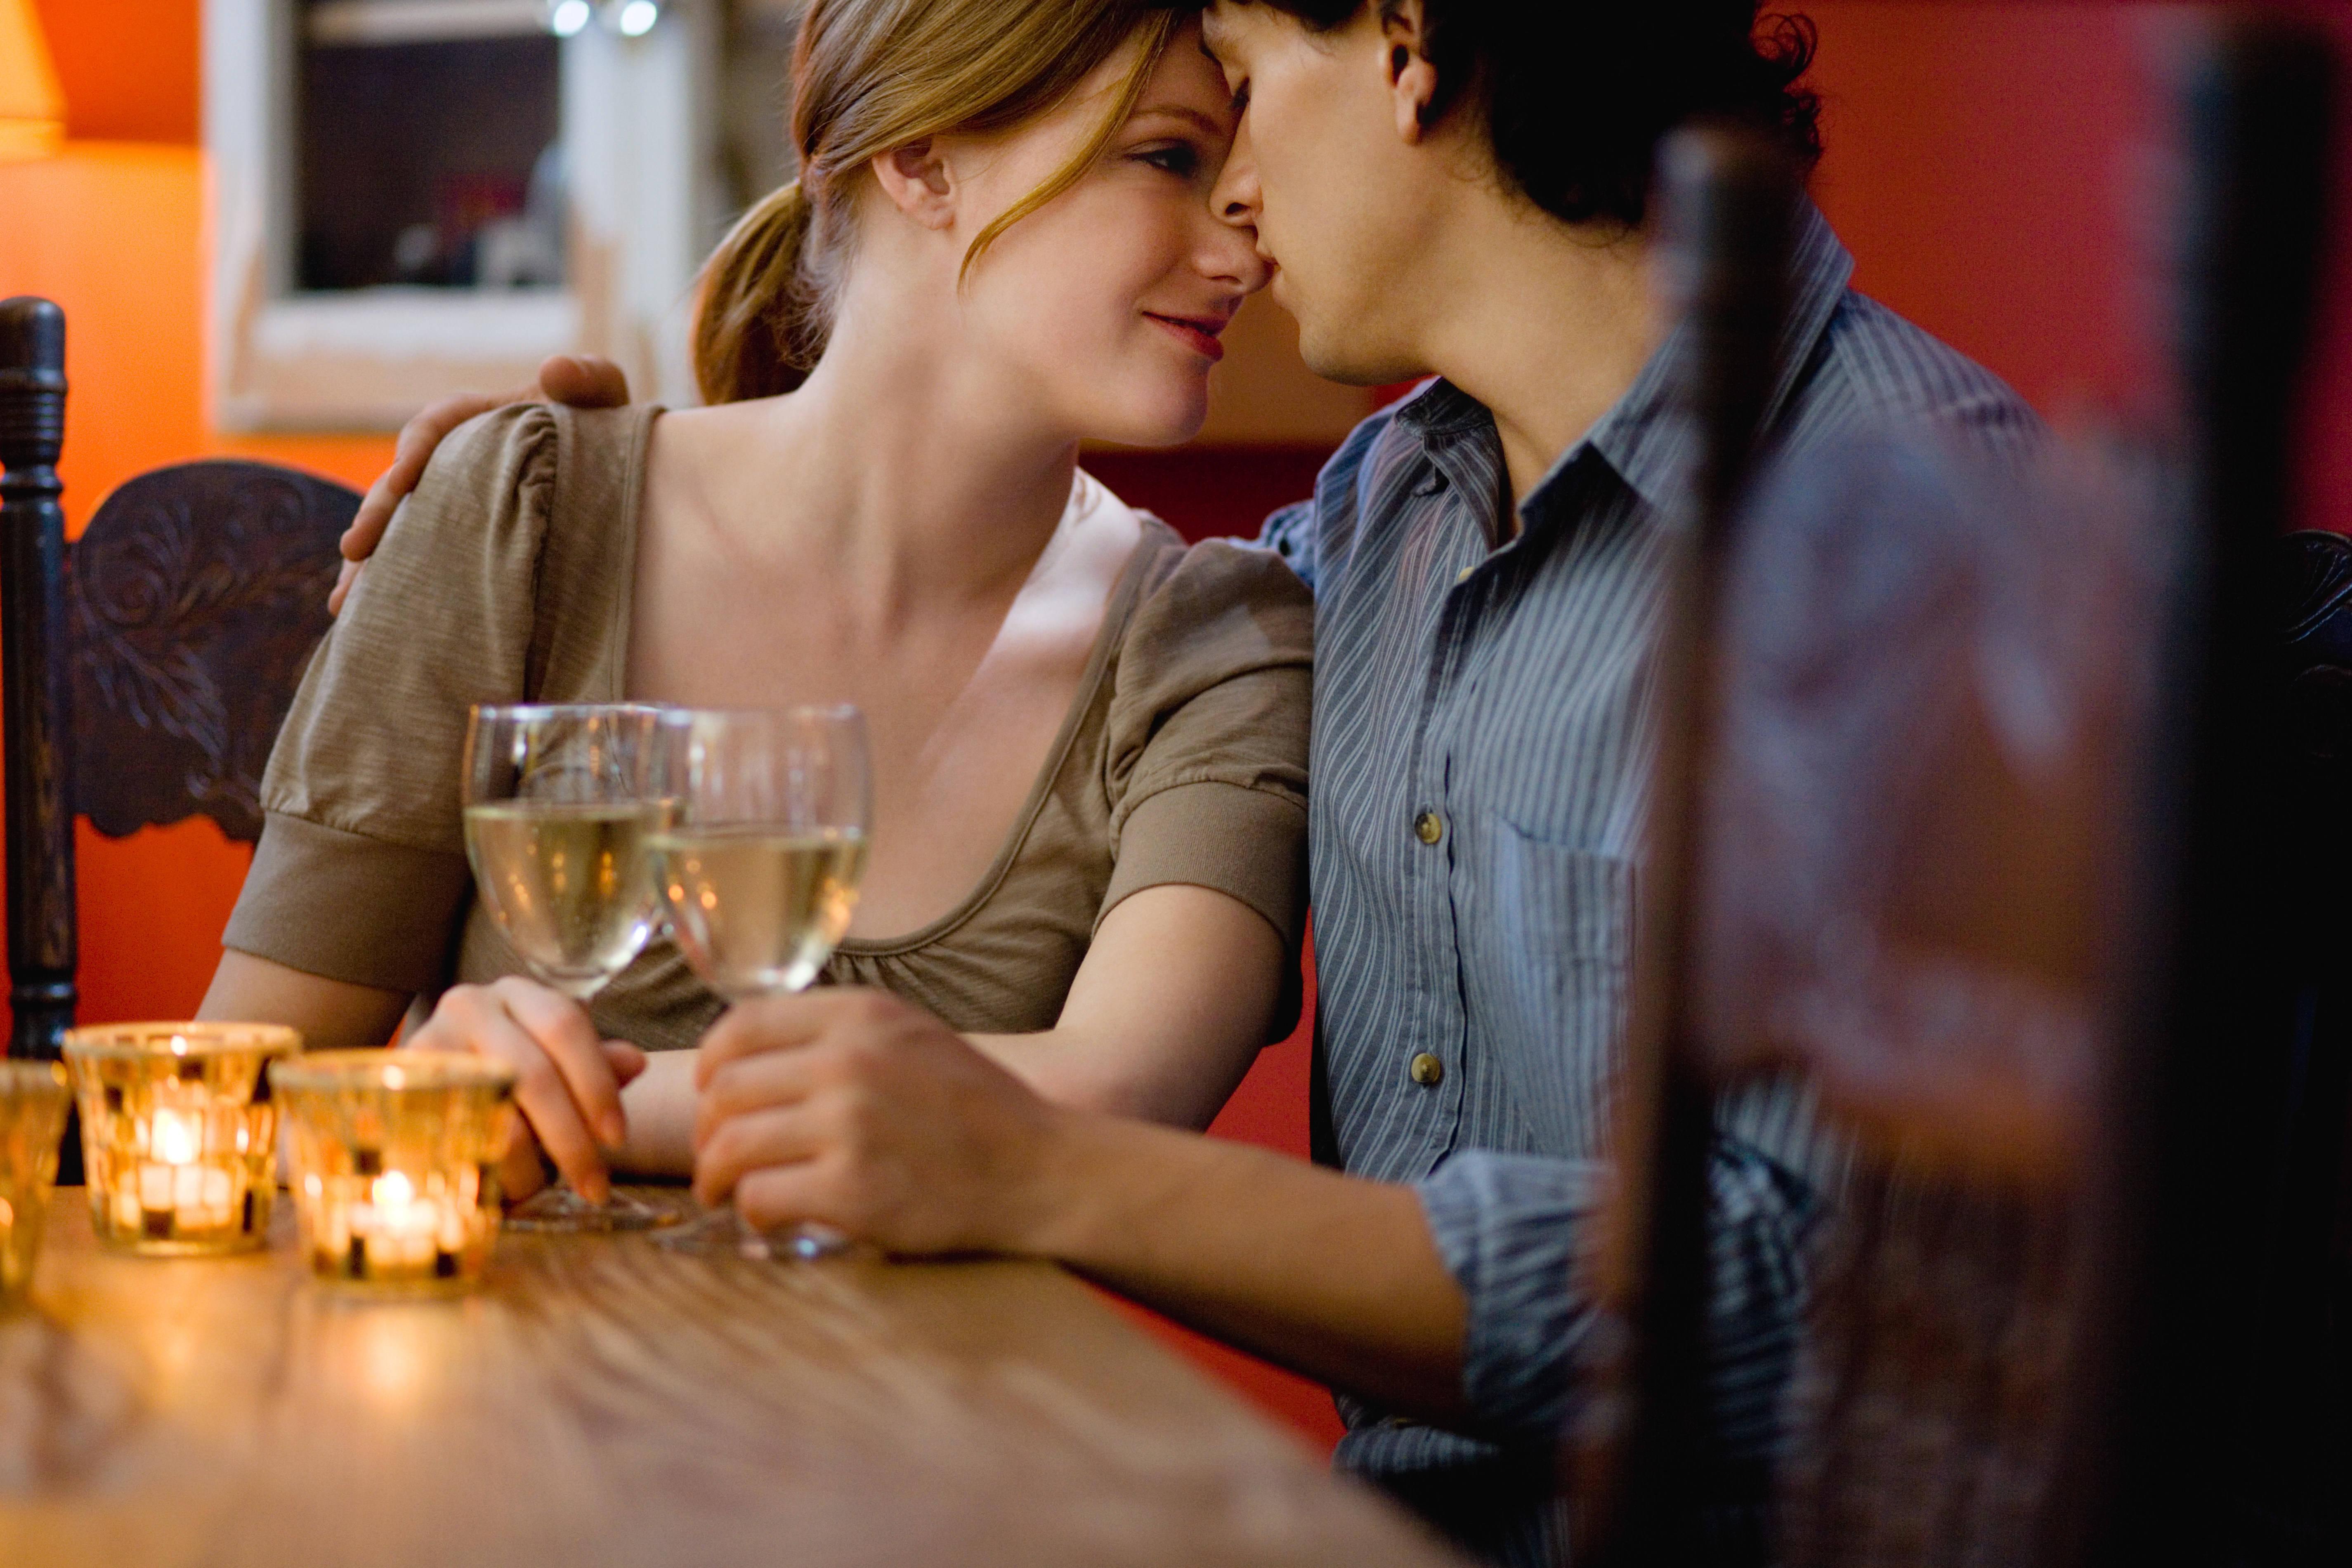 成功男人找情人的标准 优秀男人找情人的标准